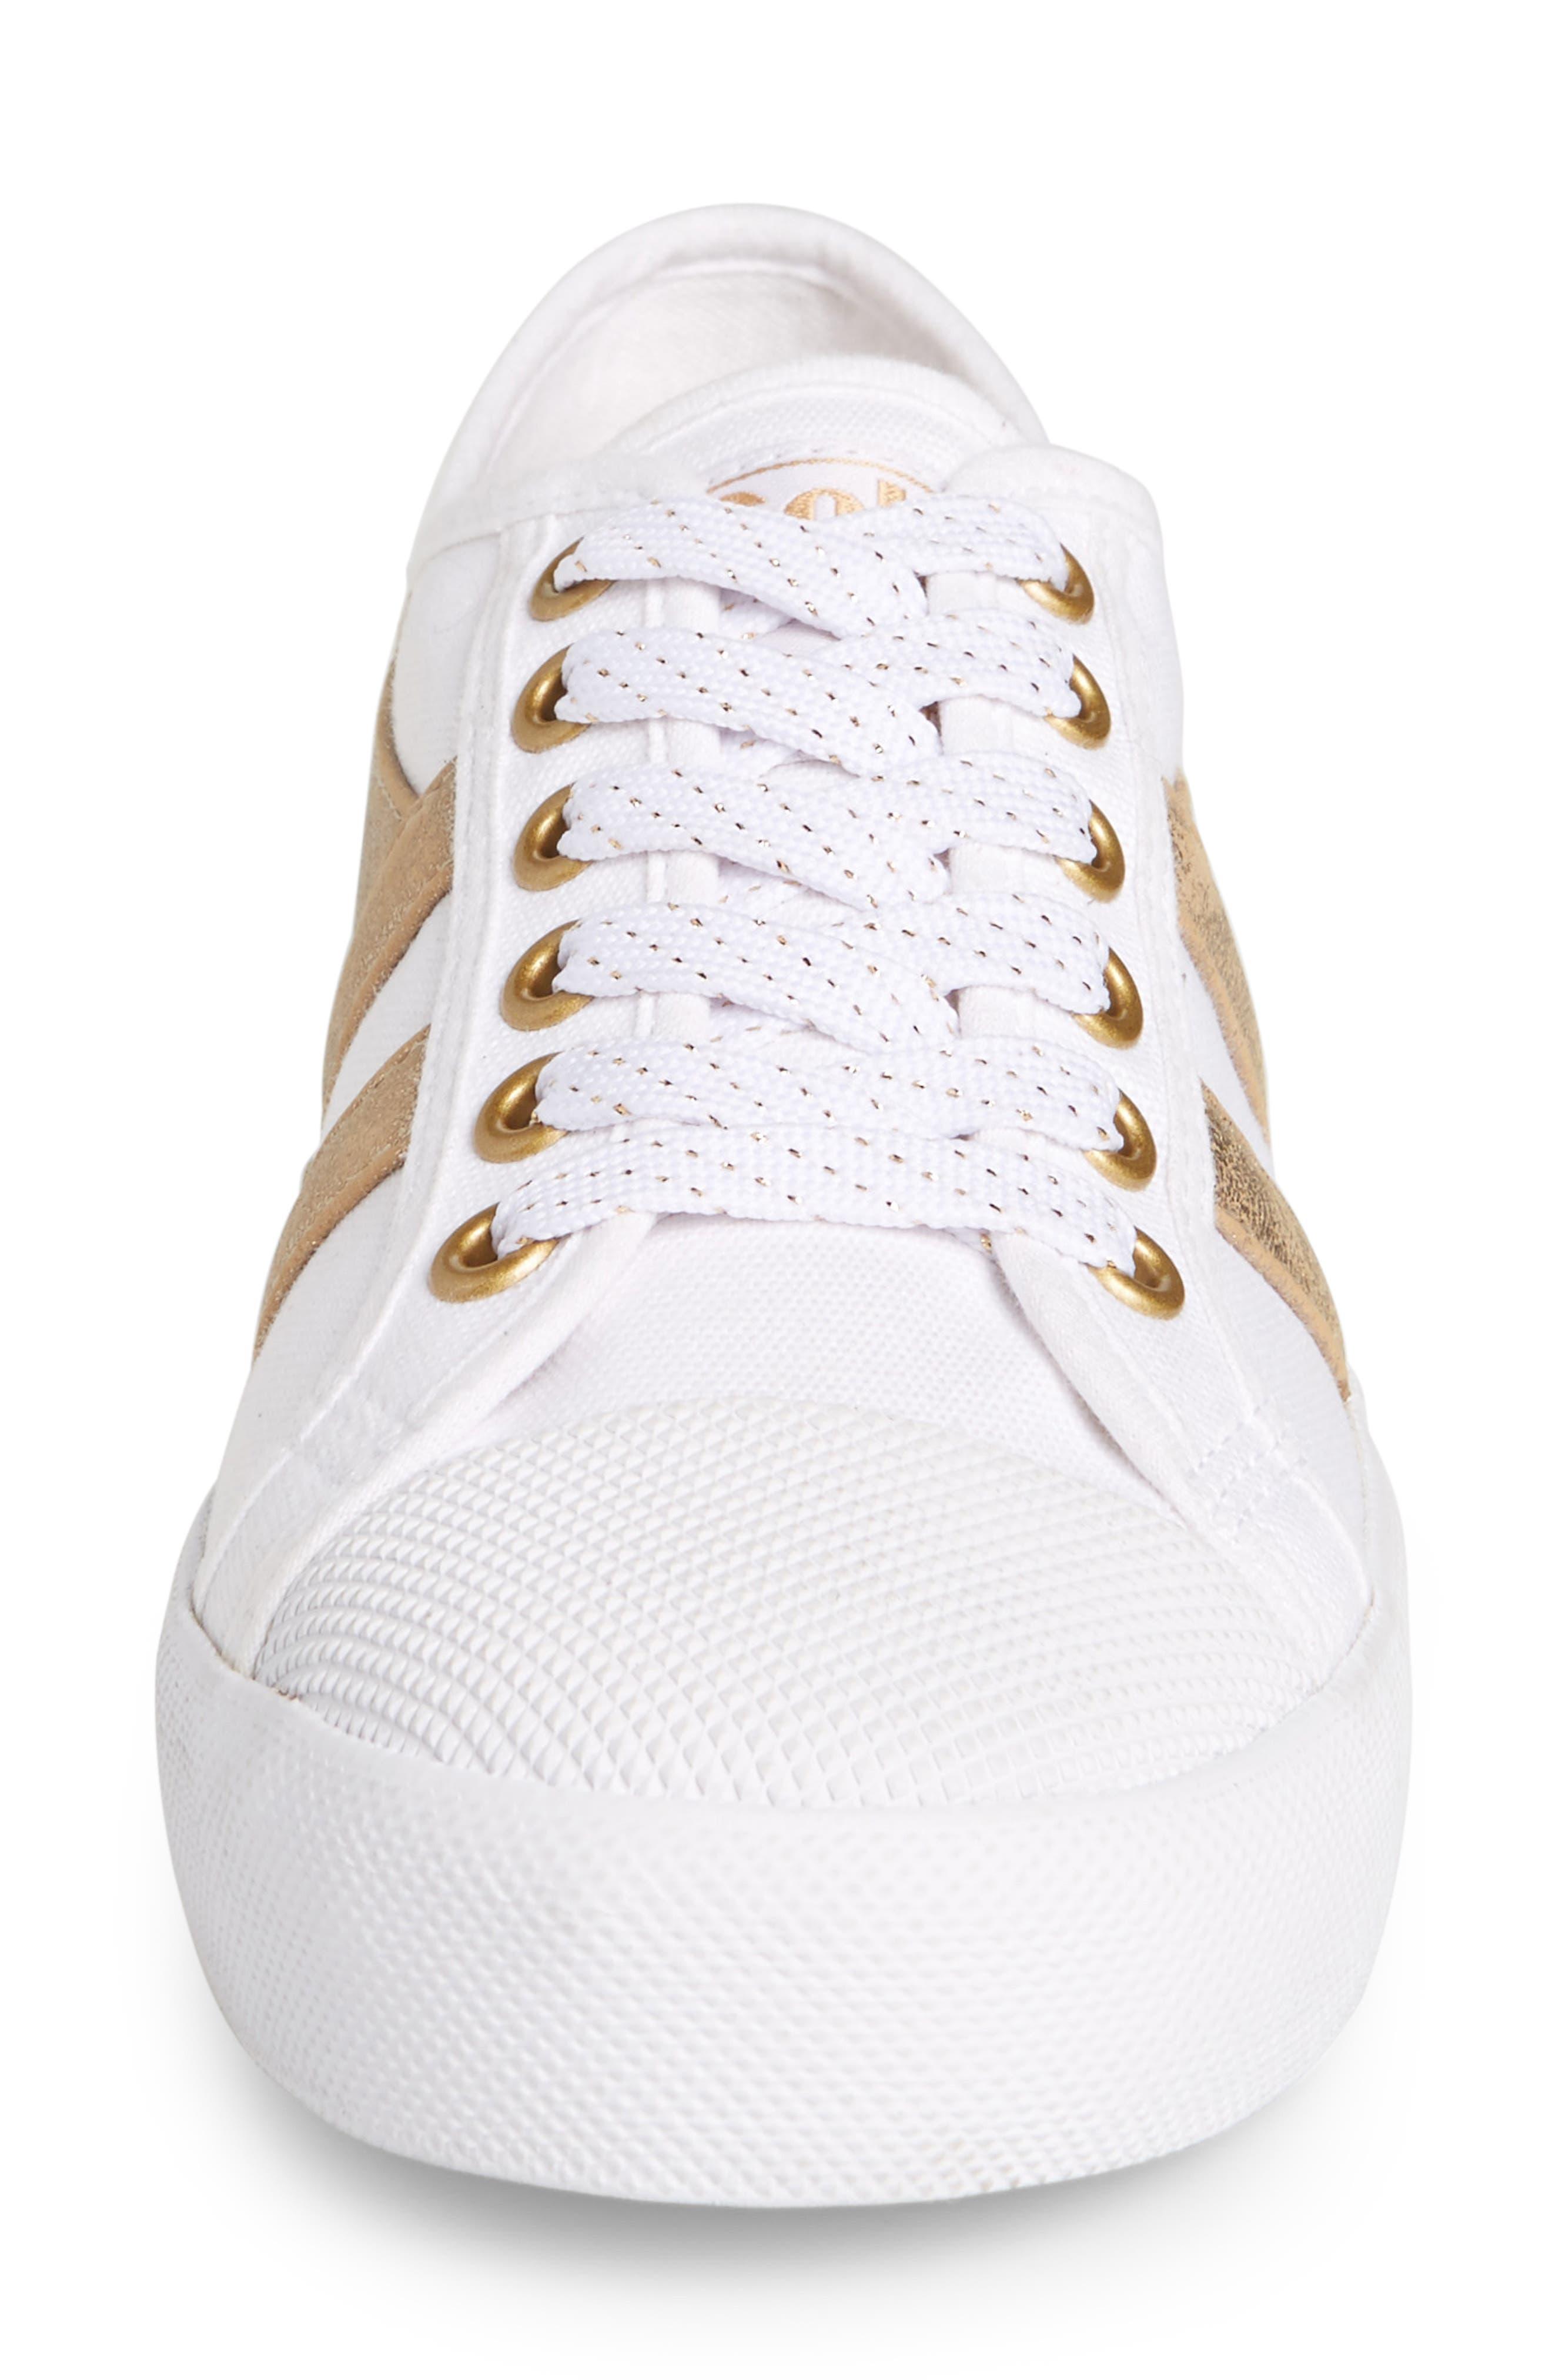 GOLA,                             Coaster Mirror Sneaker,                             Alternate thumbnail 4, color,                             WHITE/ GOLD